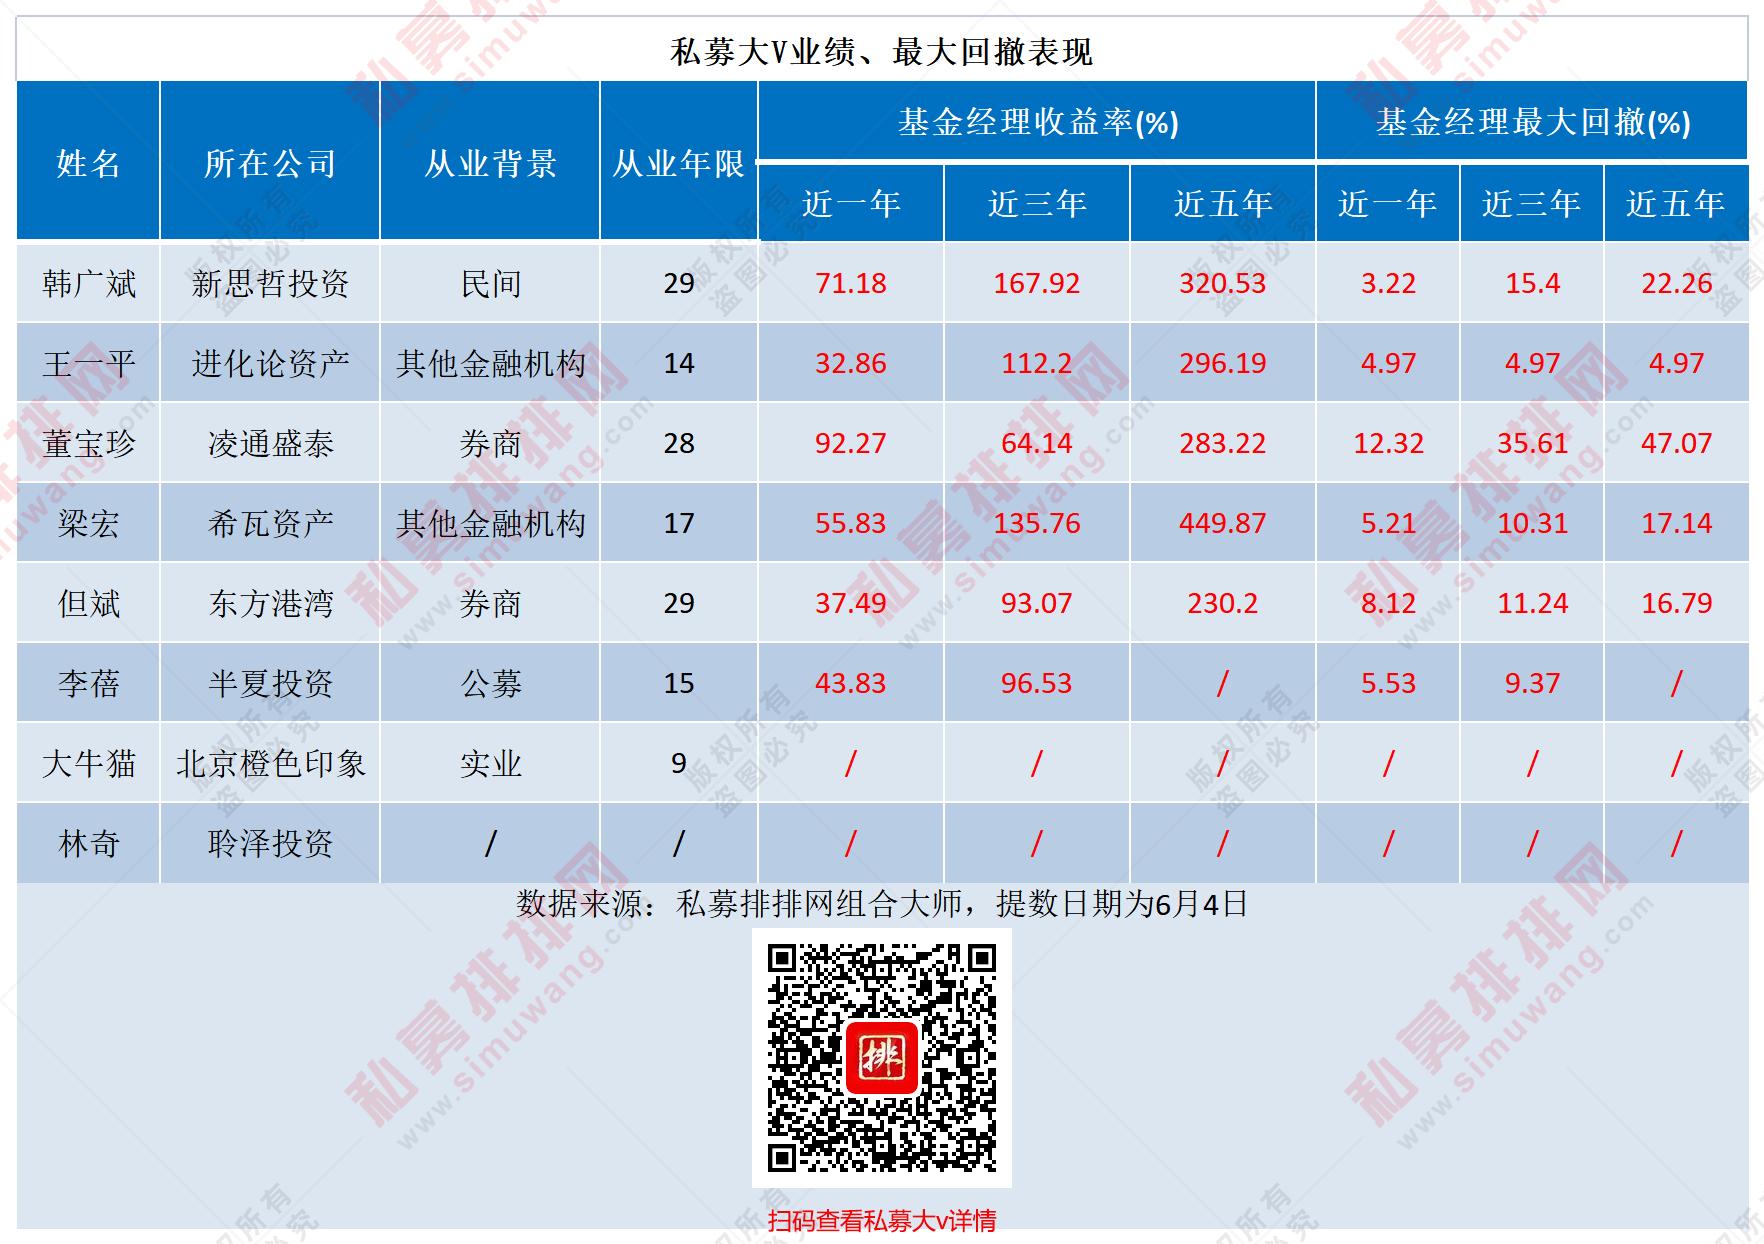 图片1.2 官网.png